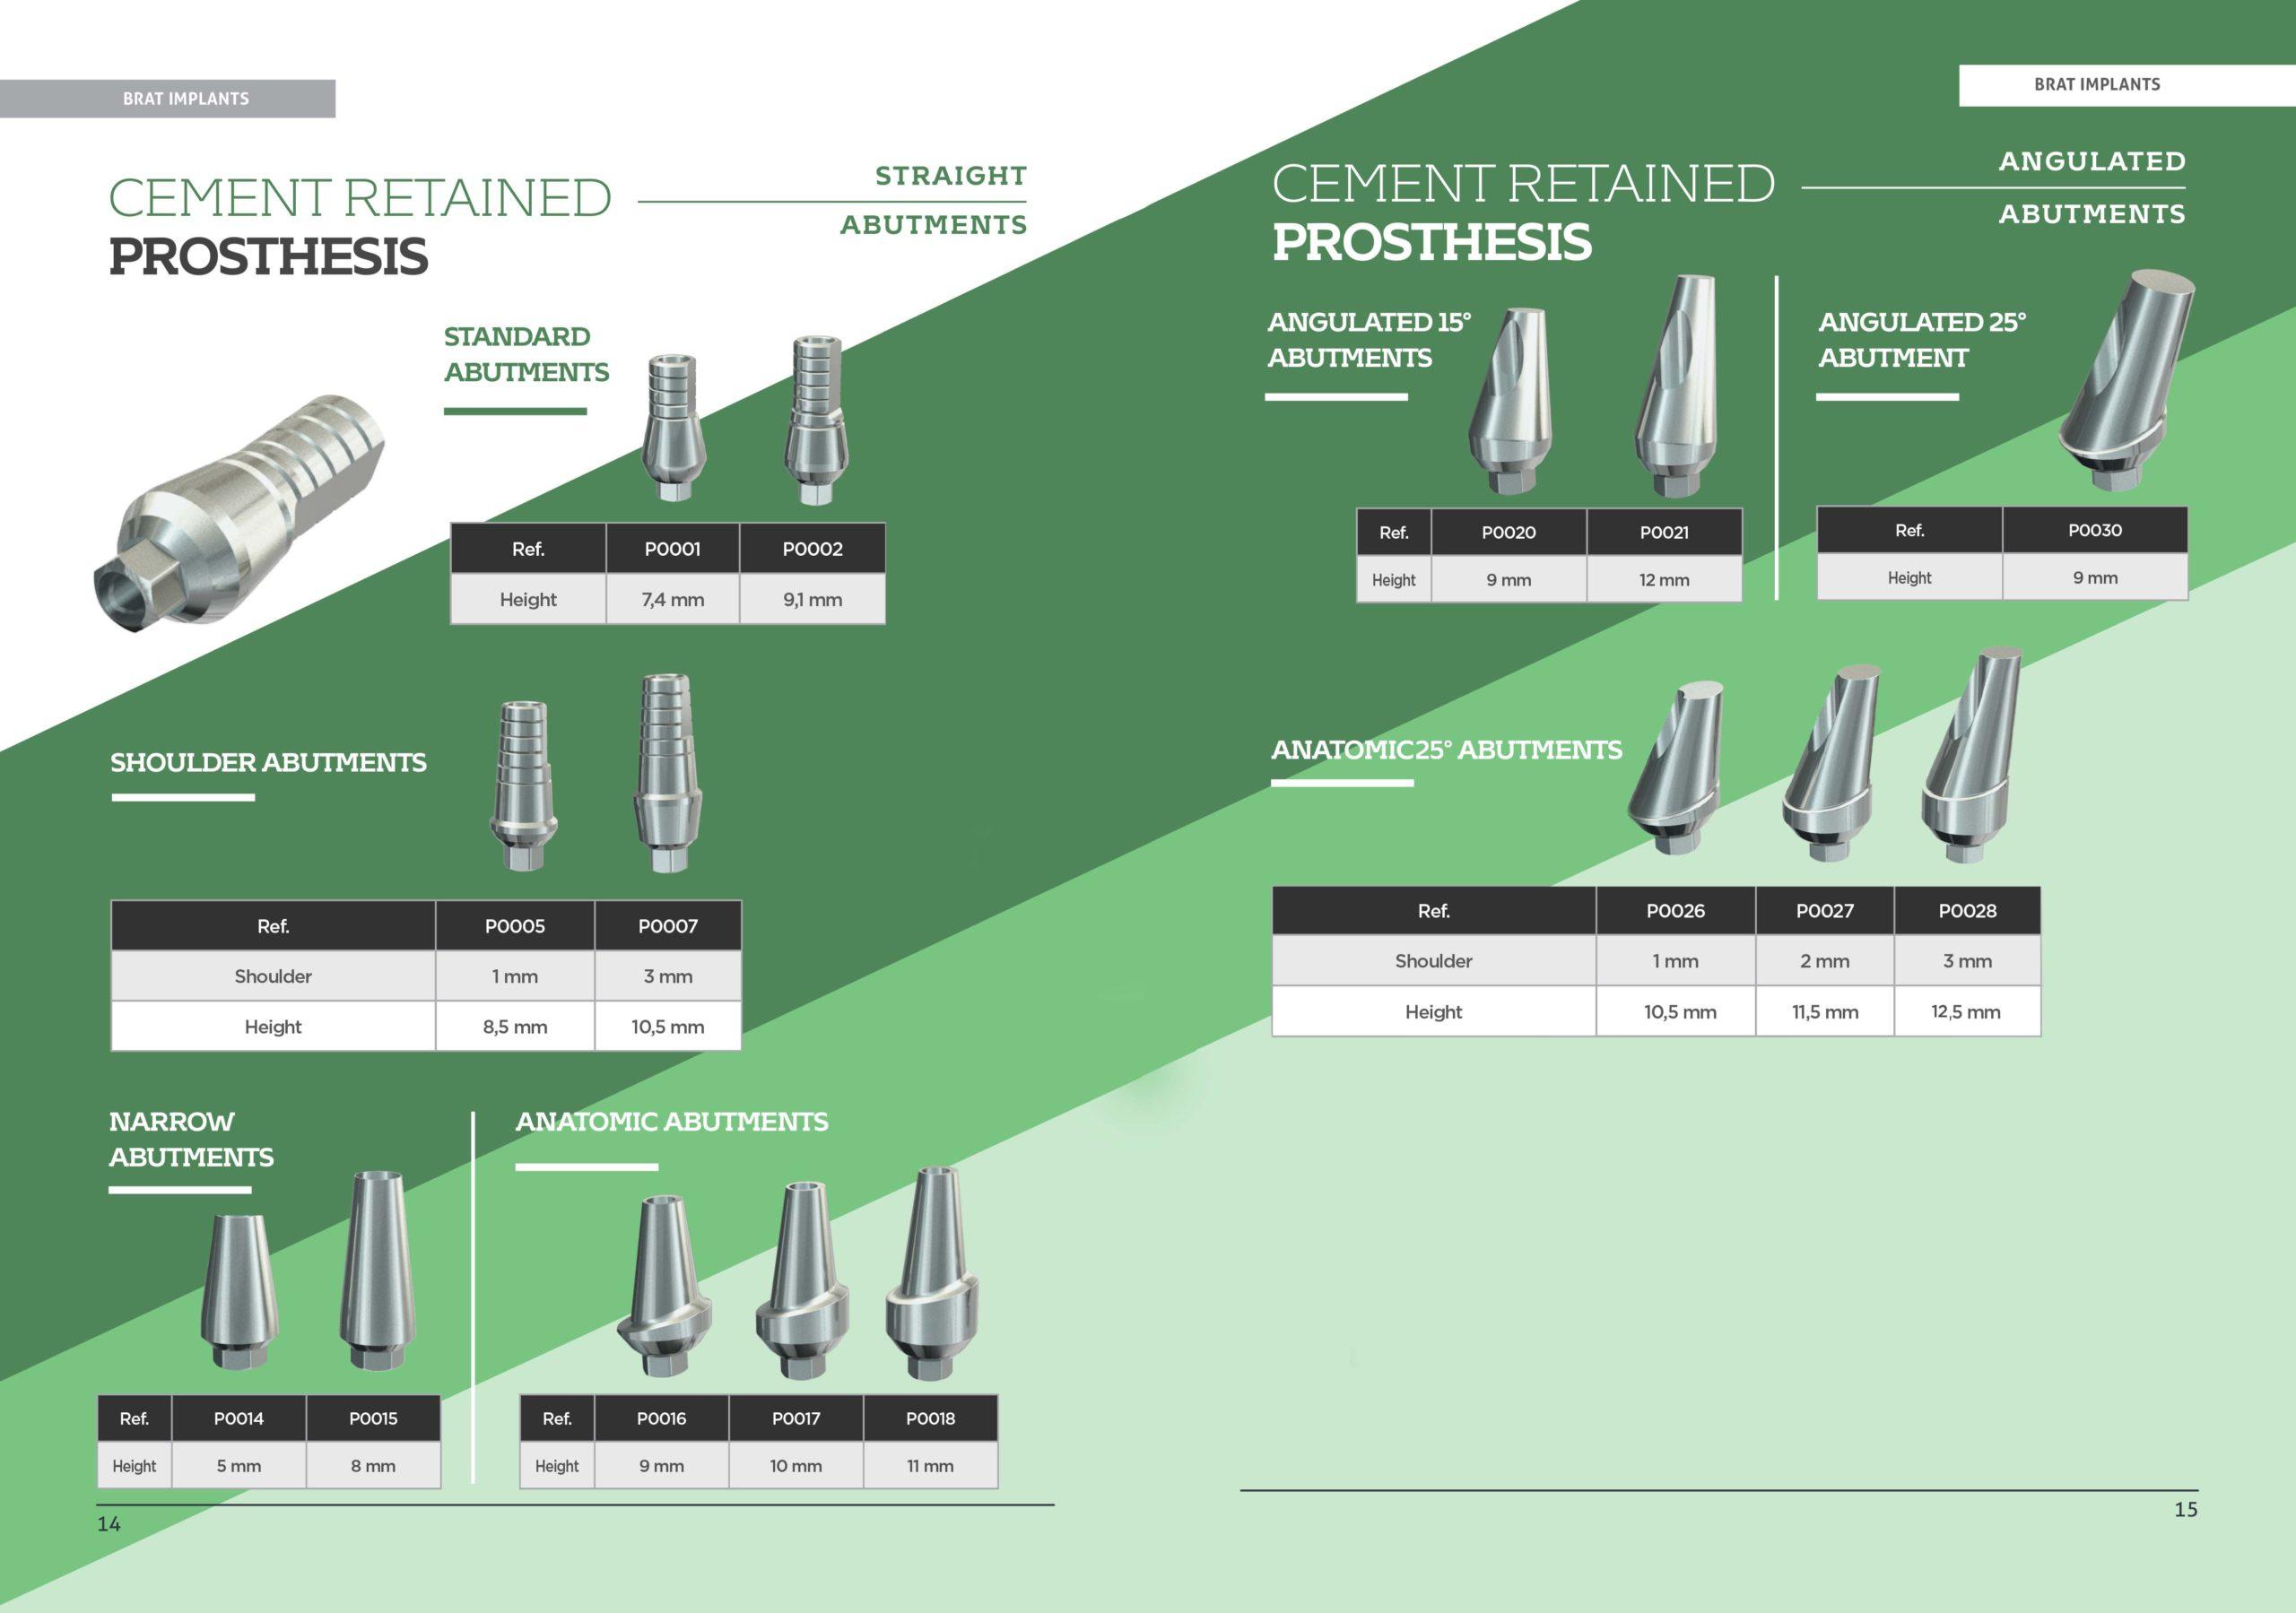 implants-fixation-ciment-brat-implants-dentaire